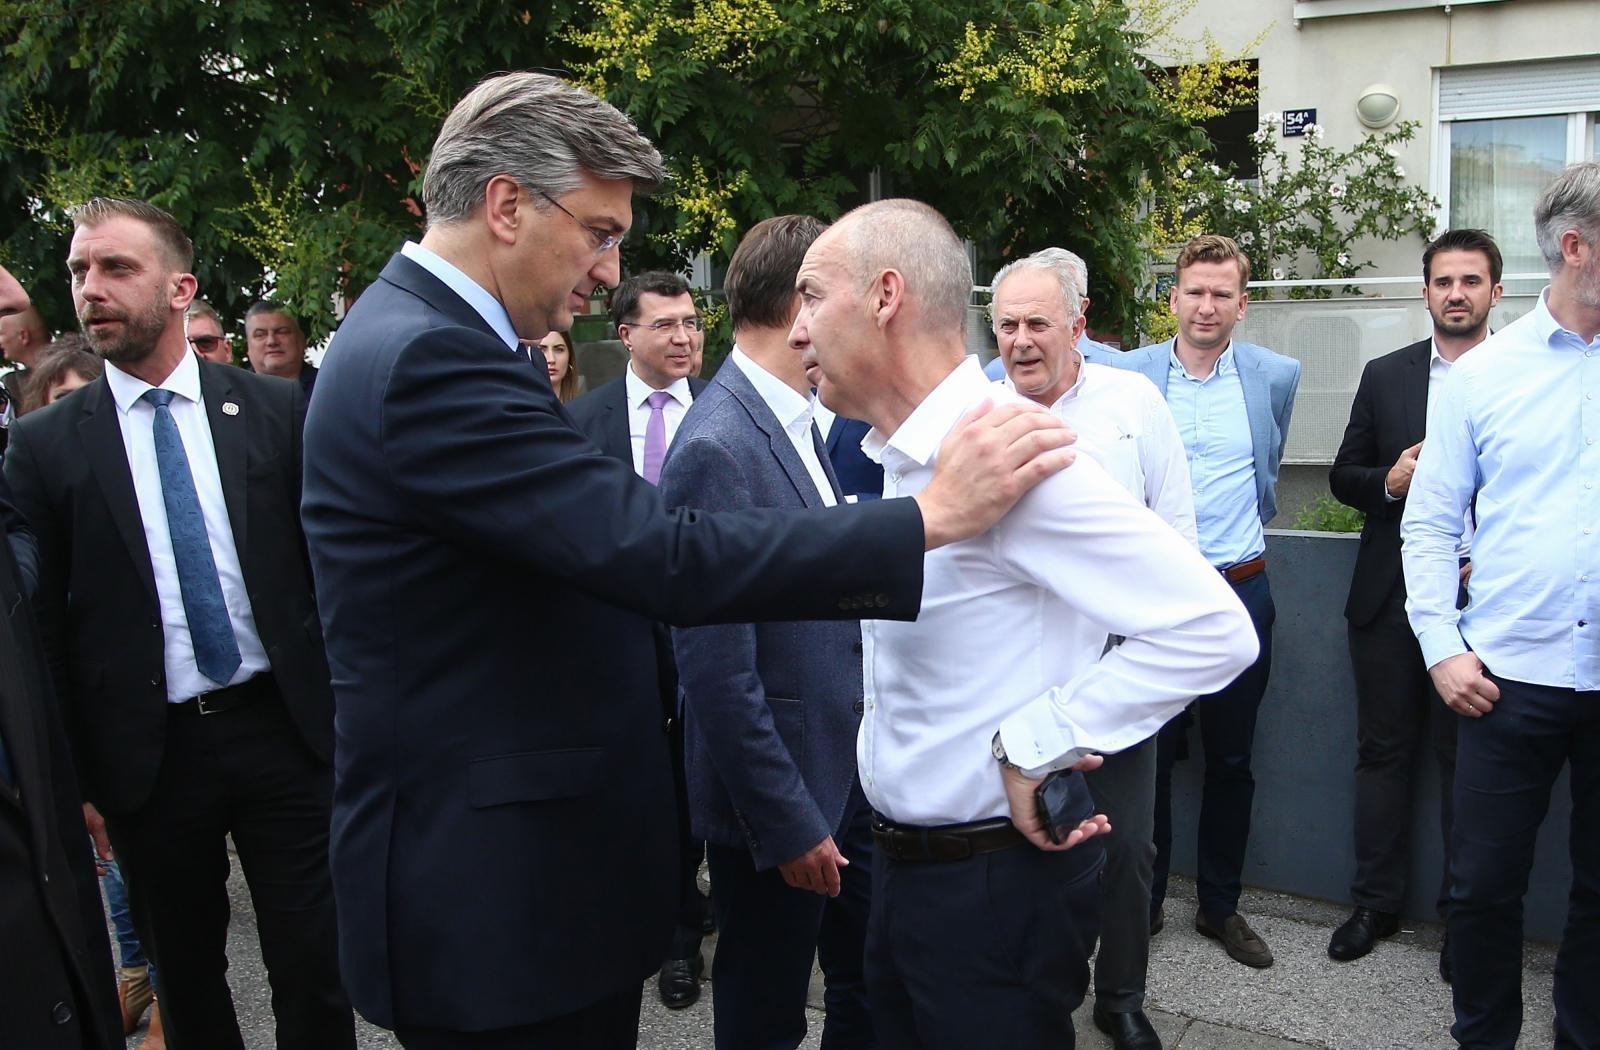 Plenković tješi bivšeg ministra Krstičevića, ali diranje i naginjanje prema sugovornikovu licu definitivno ne spada u protuepidemijske mjere